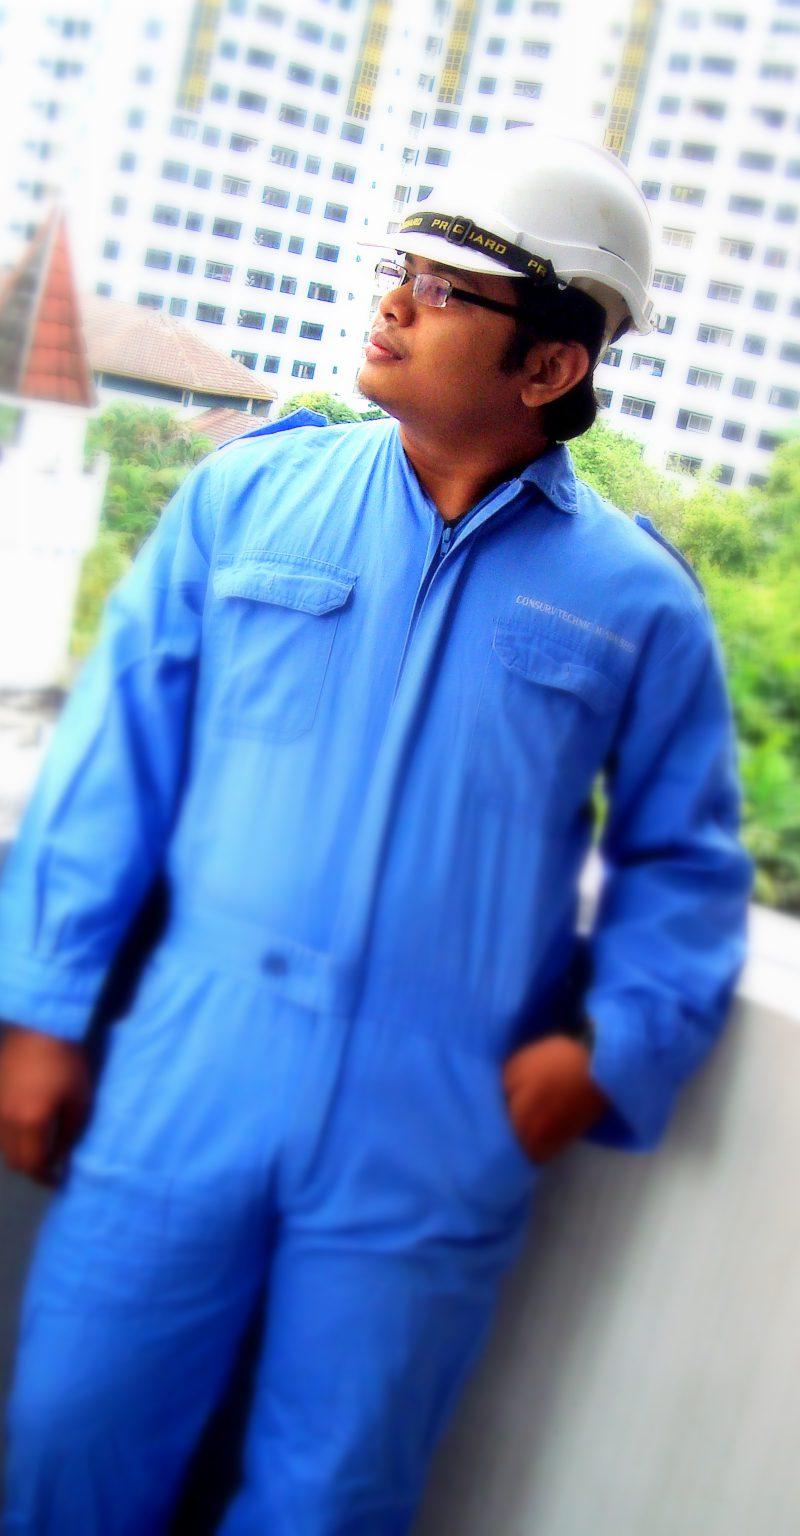 Ahmad Kamil